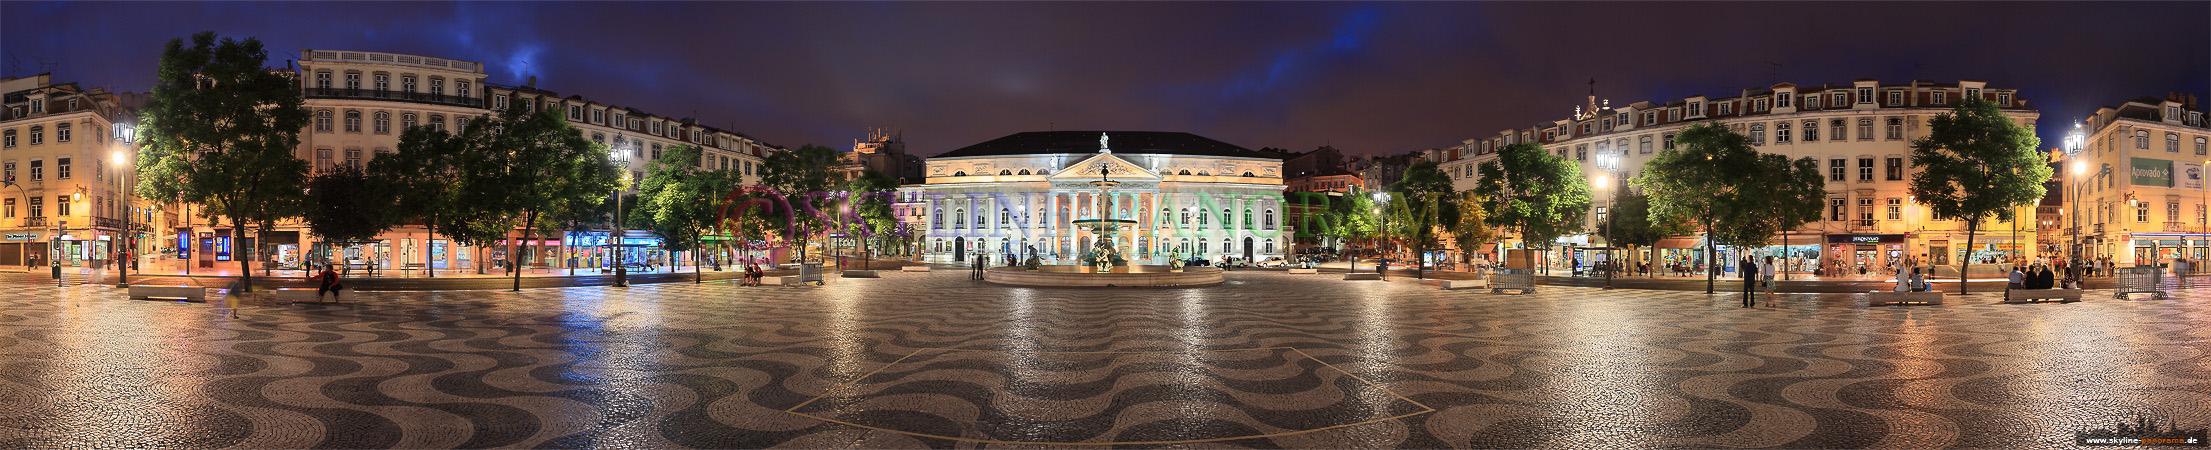 Portugal Panorama Lissabon - Der Rossio befindet sich in der Baixa Pombalina und ist seit dem Mittelalter Hauptzentrum der Innenstadt.